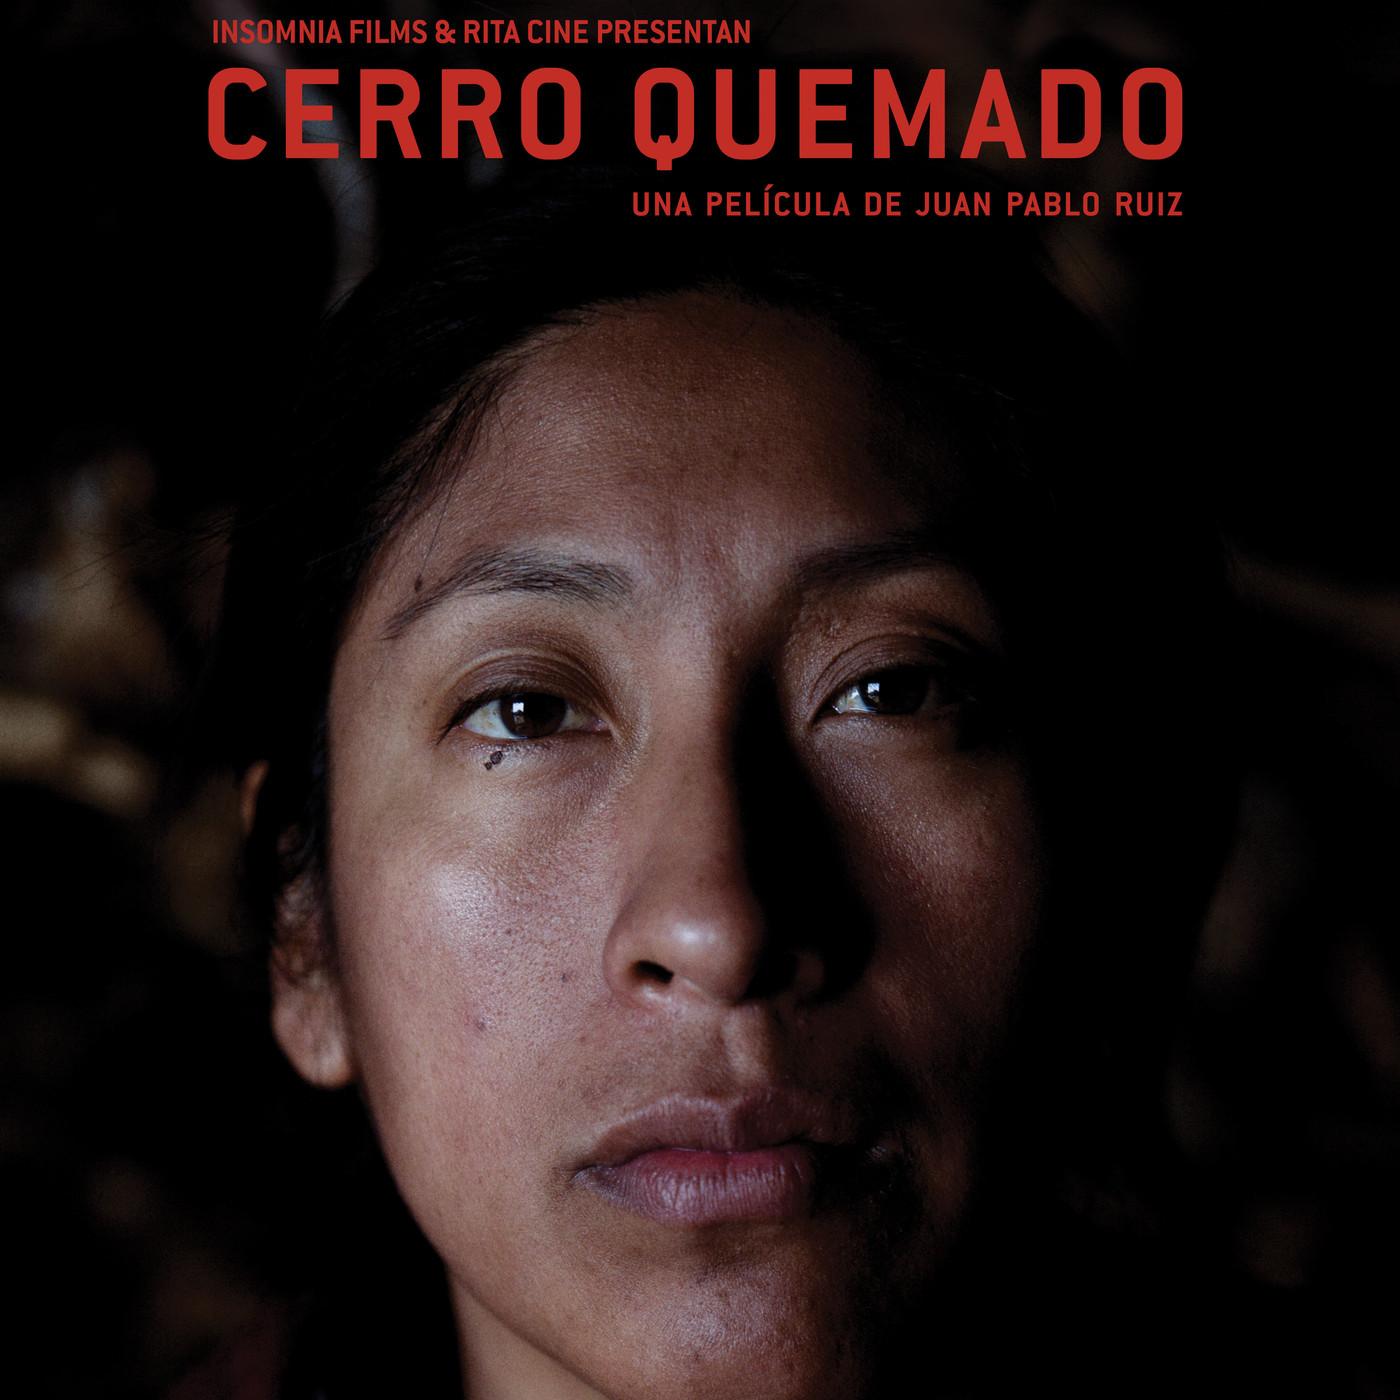 Entrevista a Juan Pablo Ruiz - Director de CERRO QUEMADO en Podcast de Cine  con Mc Fly en mp3(03/03 a las 00:14:35) 18:53 66231391 - iVoox